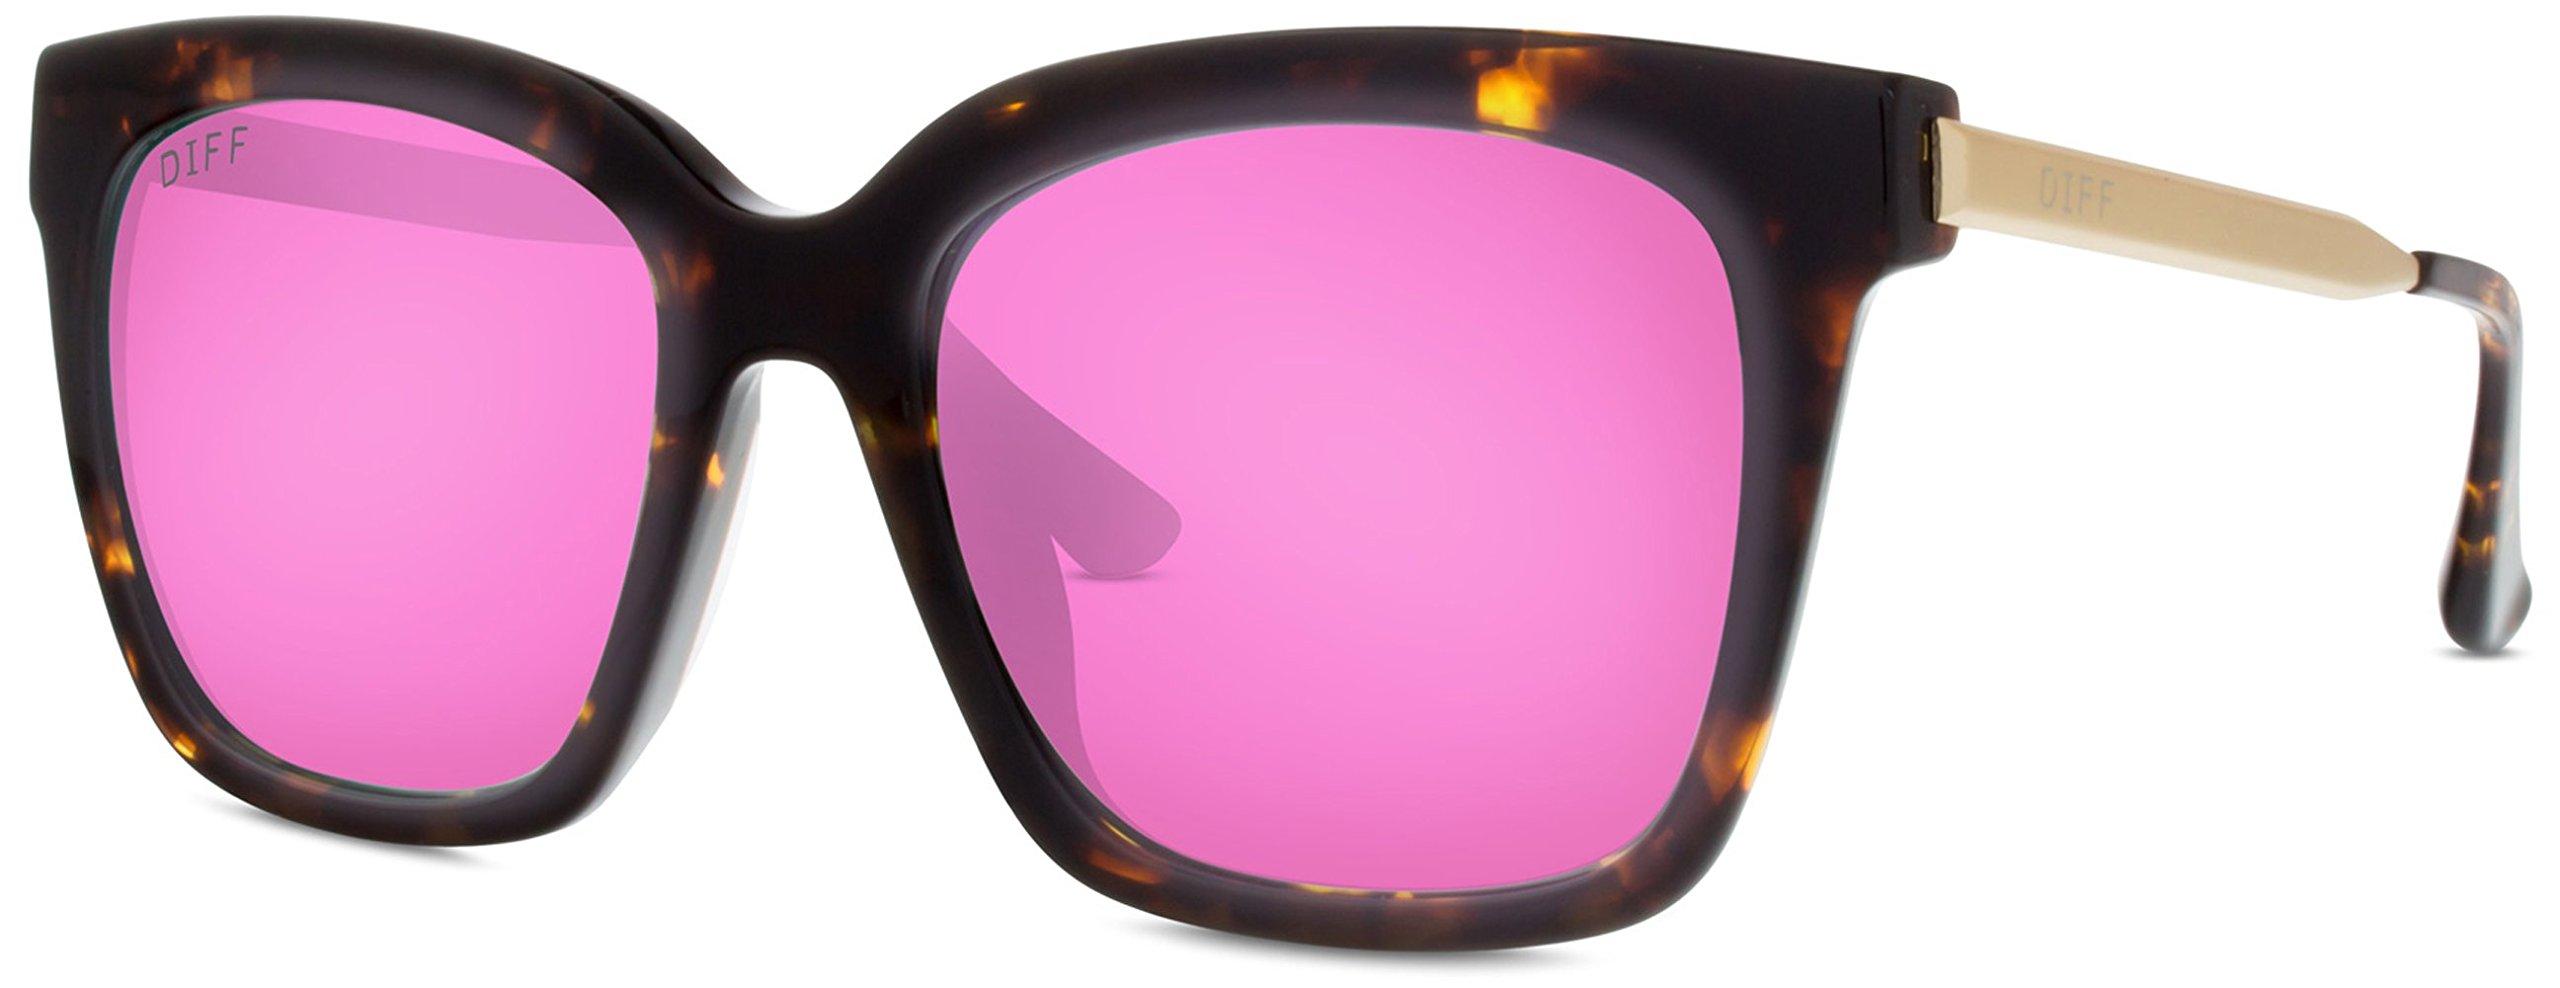 71f0178c6c Details about Designer Sunglasses - Diff Eyewear - Bella - Square Glasses -  100% UVA UVB